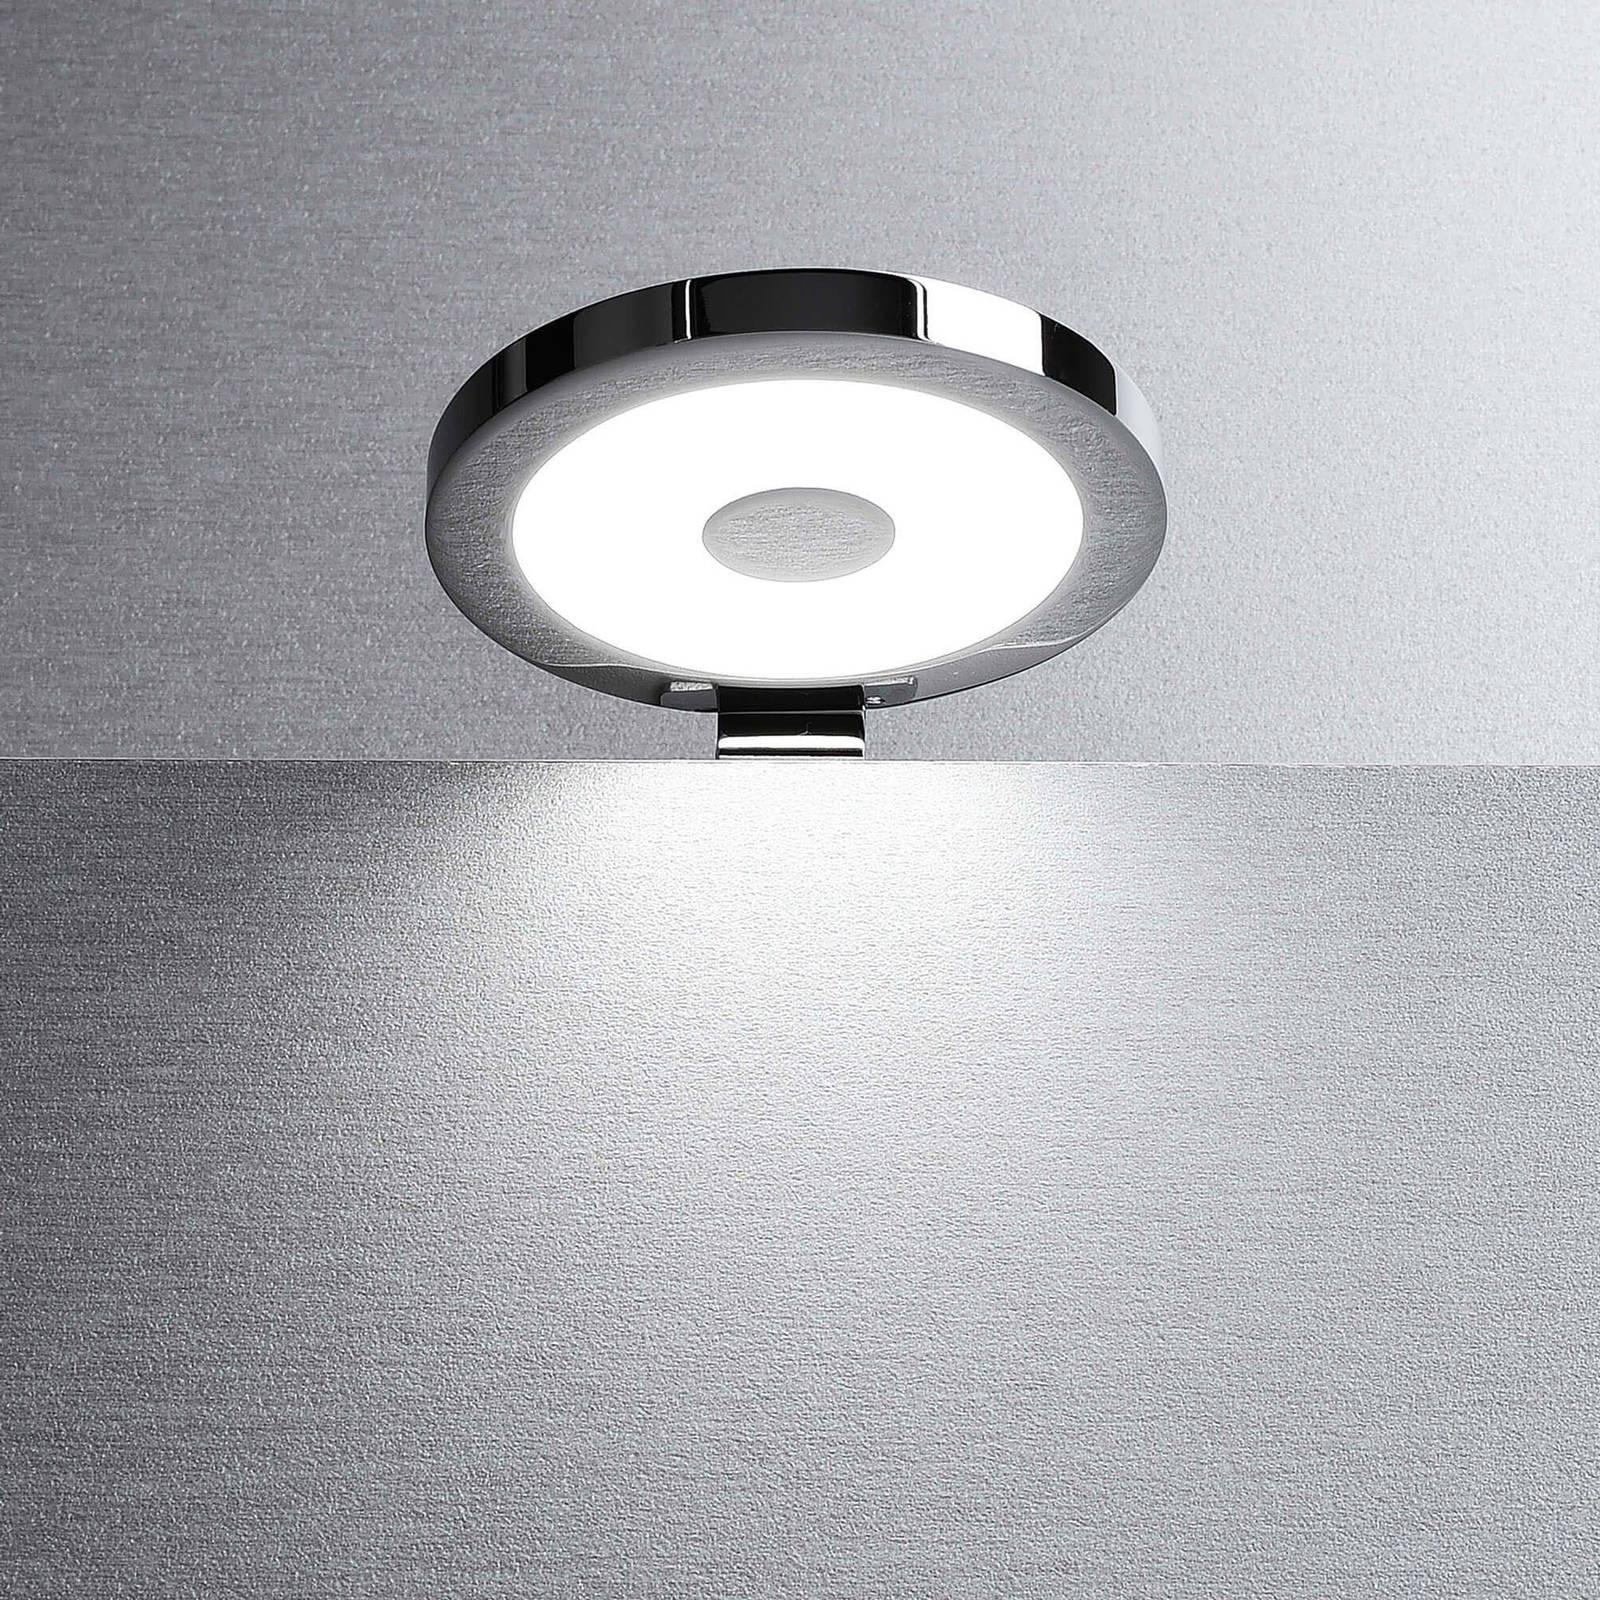 LED-kalustevalaisin Spiegel, 3 kpl, pyöreä